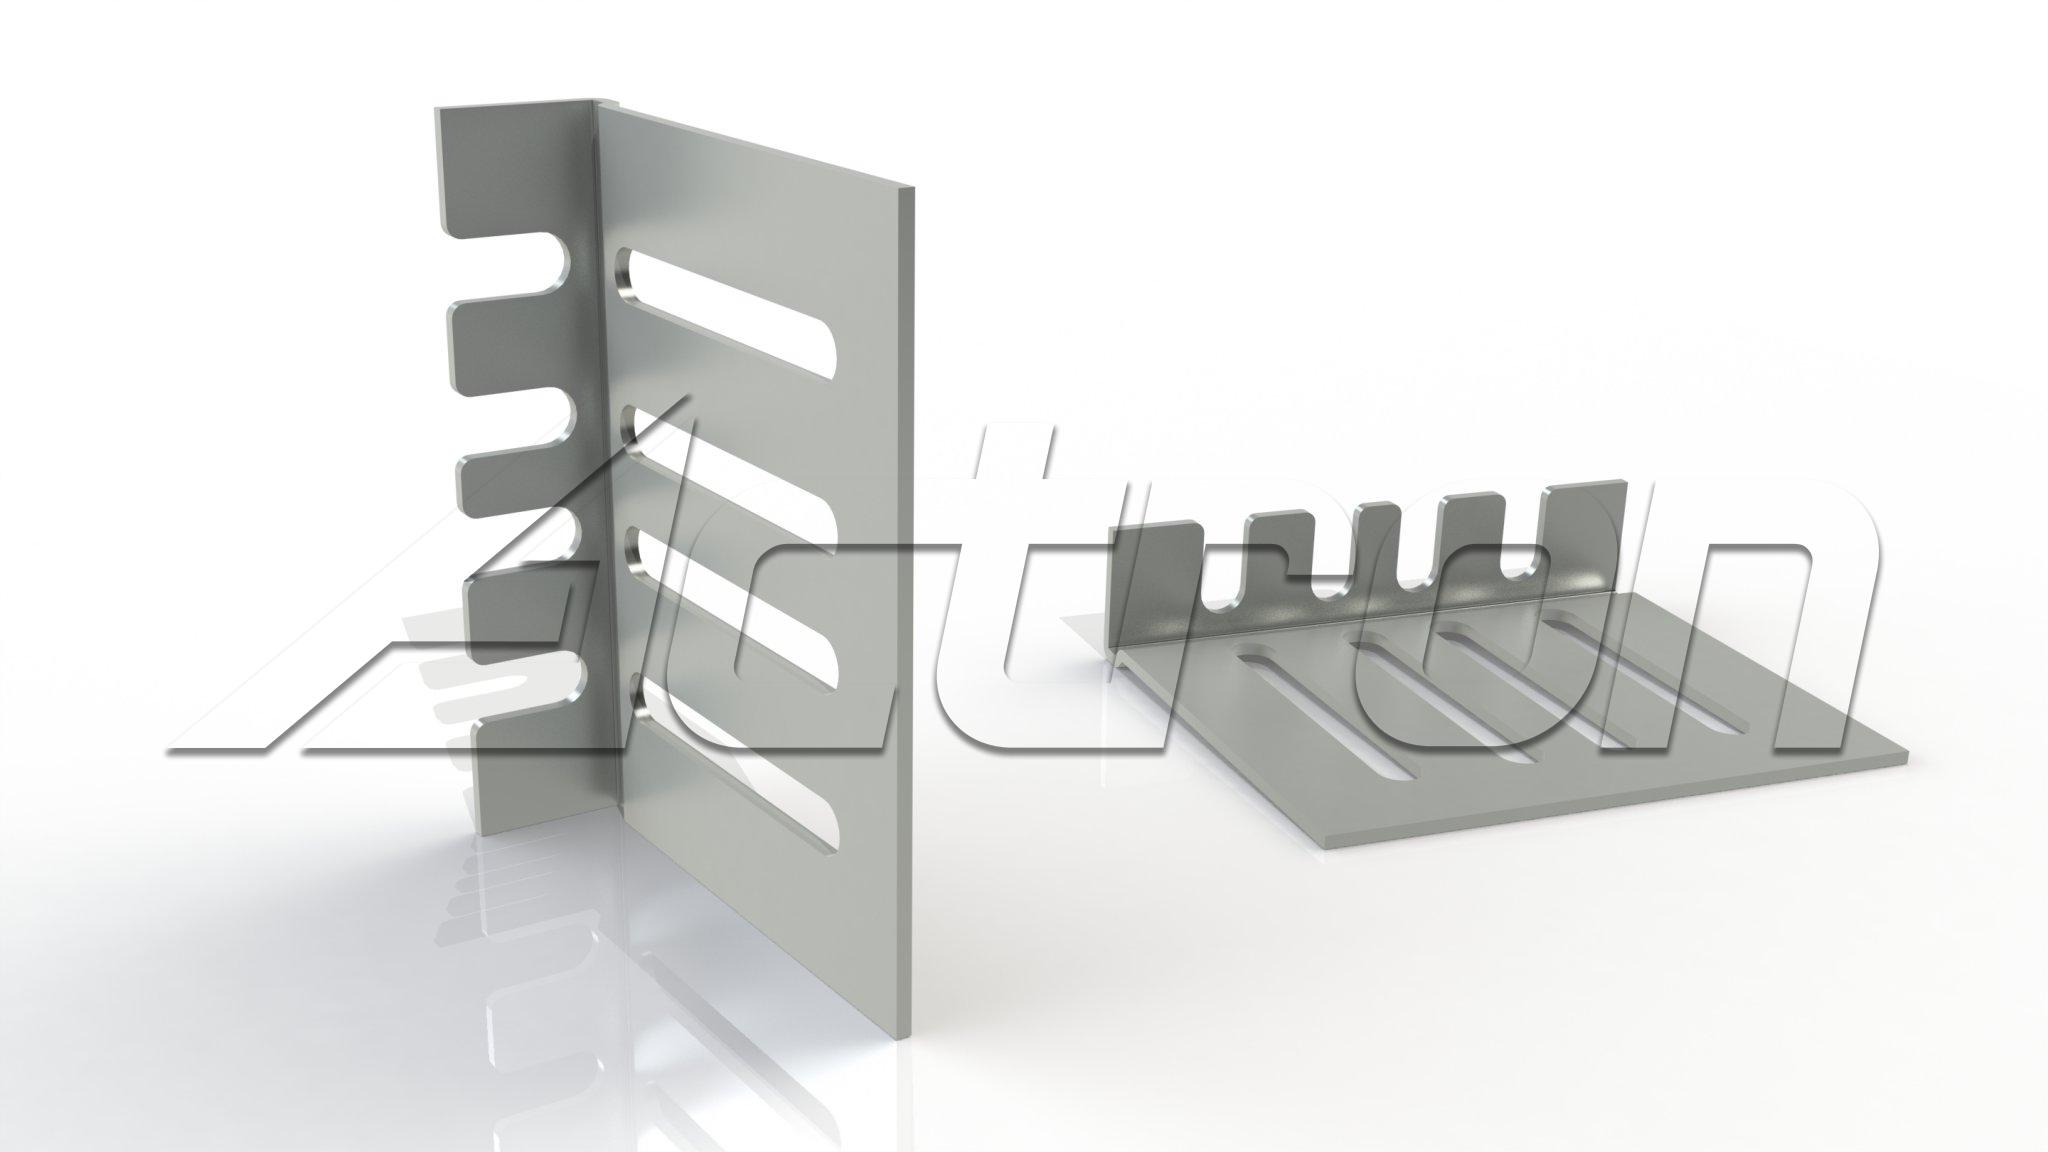 mounting-bracket-rear-8211-slide-5063-a53101.jpg